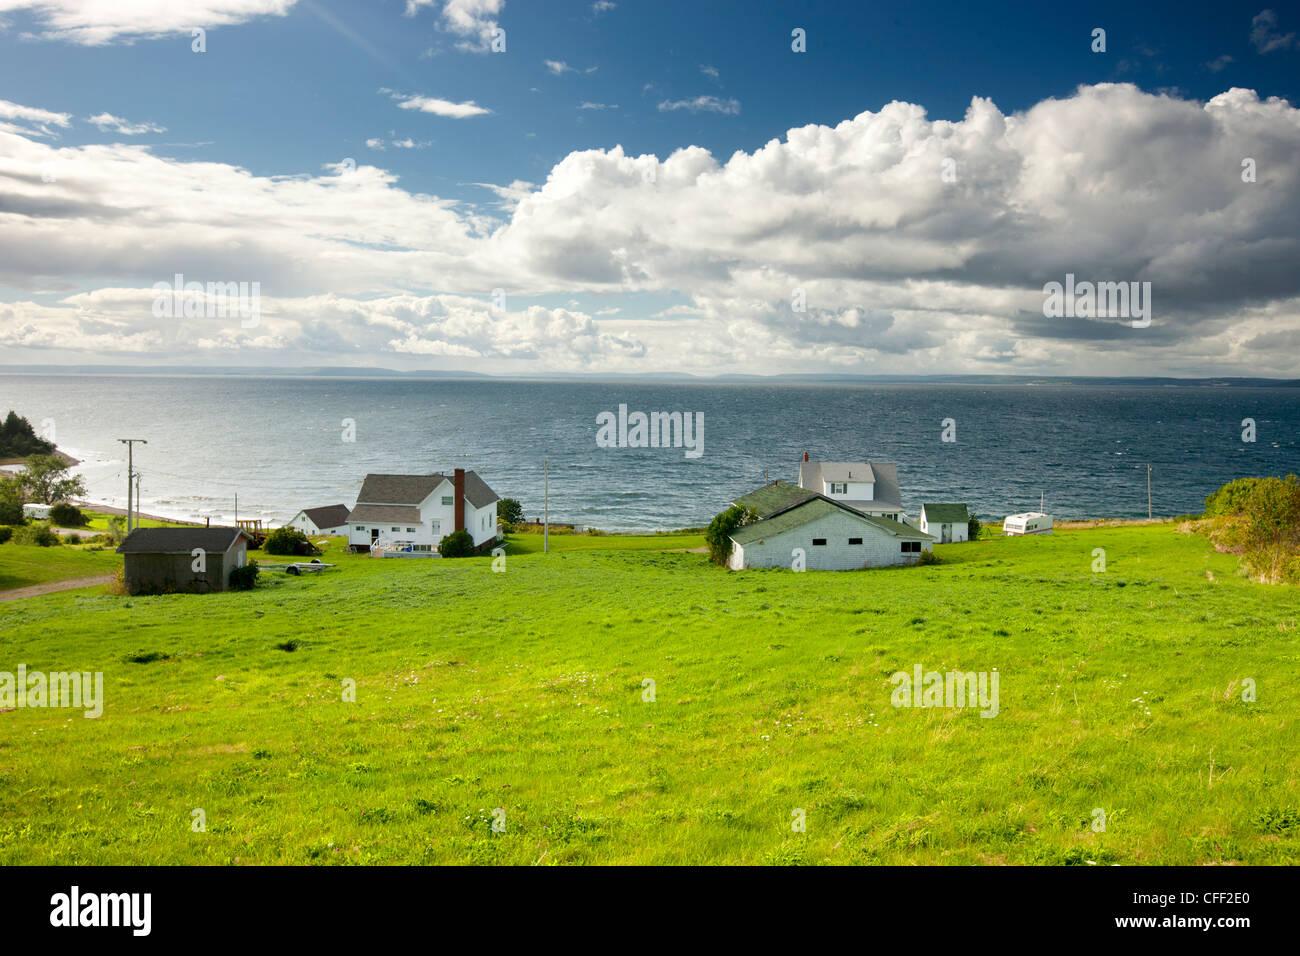 Grand Étang, lac Bras d'Or, l'île du Cap-Breton, Nouvelle-Écosse, Canada Photo Stock